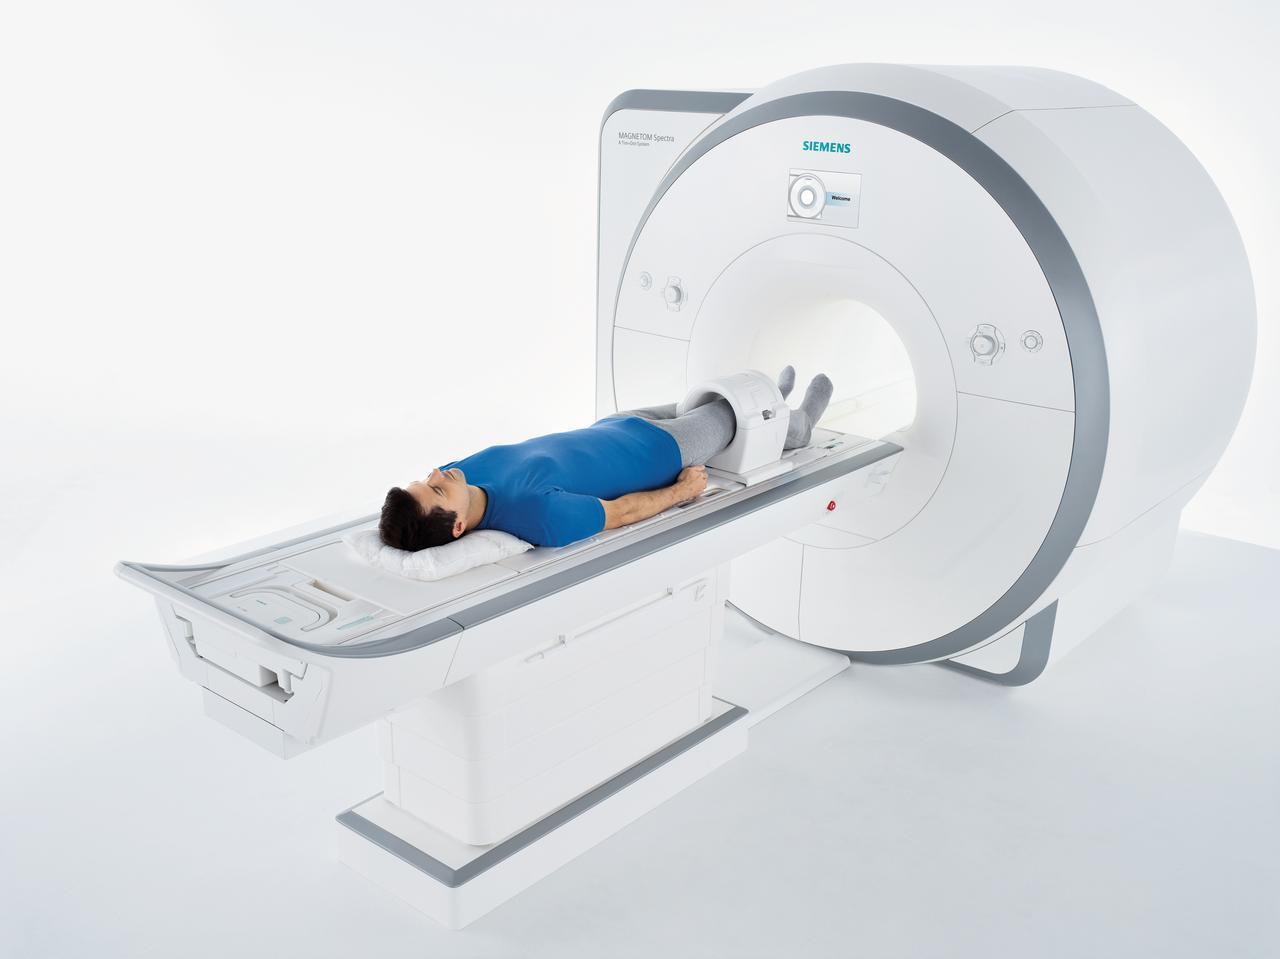 磁共振检查的优缺点有哪些?